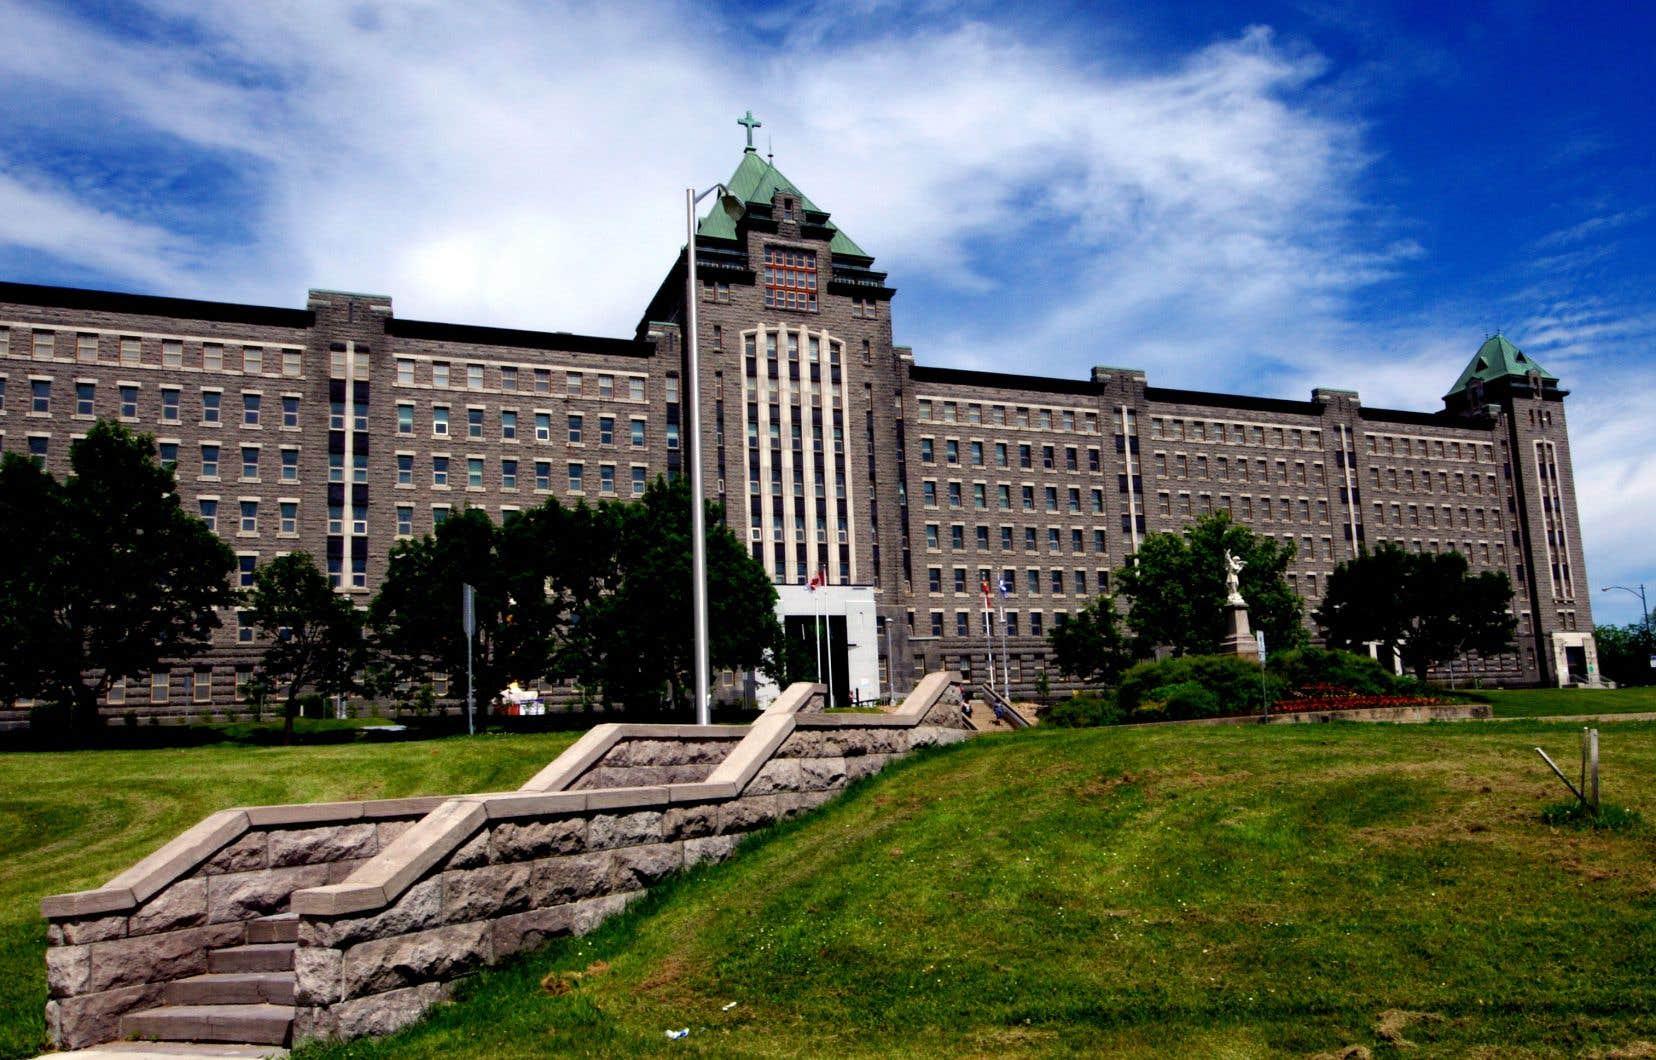 Les patients de l'Institut universitaire en santé mentale de Québec se retrouveront sans couverture médicale les soirs, les nuits et les fins de semaine en cas de complications liées à leur condition psychiatrique, soulignent les auteurs.